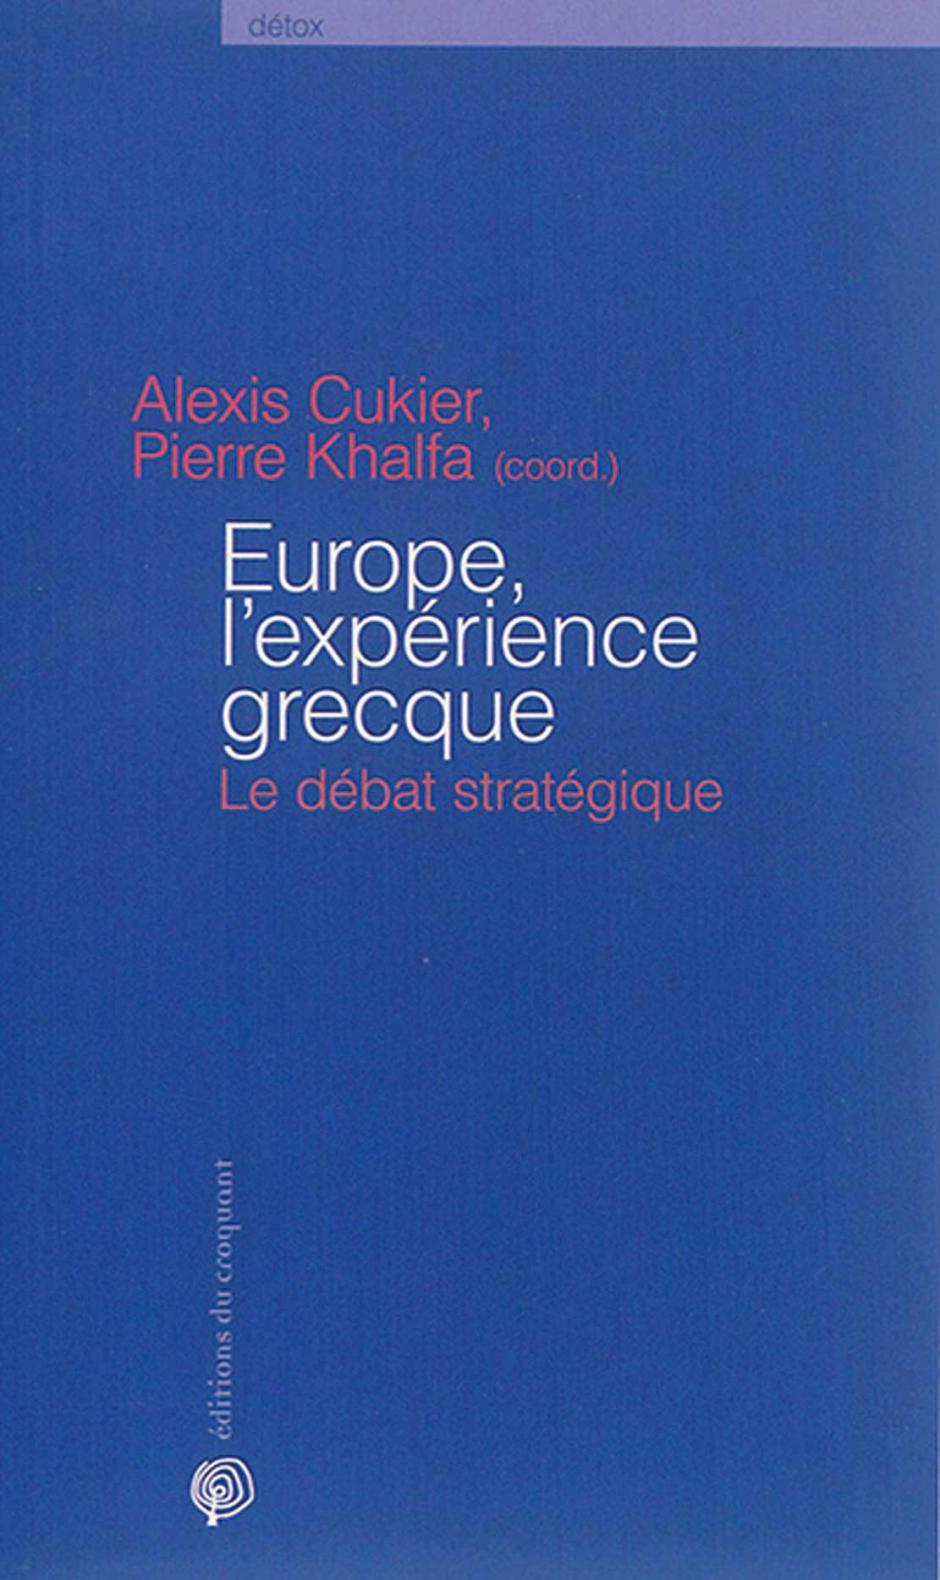 Europe, l'expérience grecque. Le débat stratégique, Alexis Cukier, Pierre Khalfa (dir.)